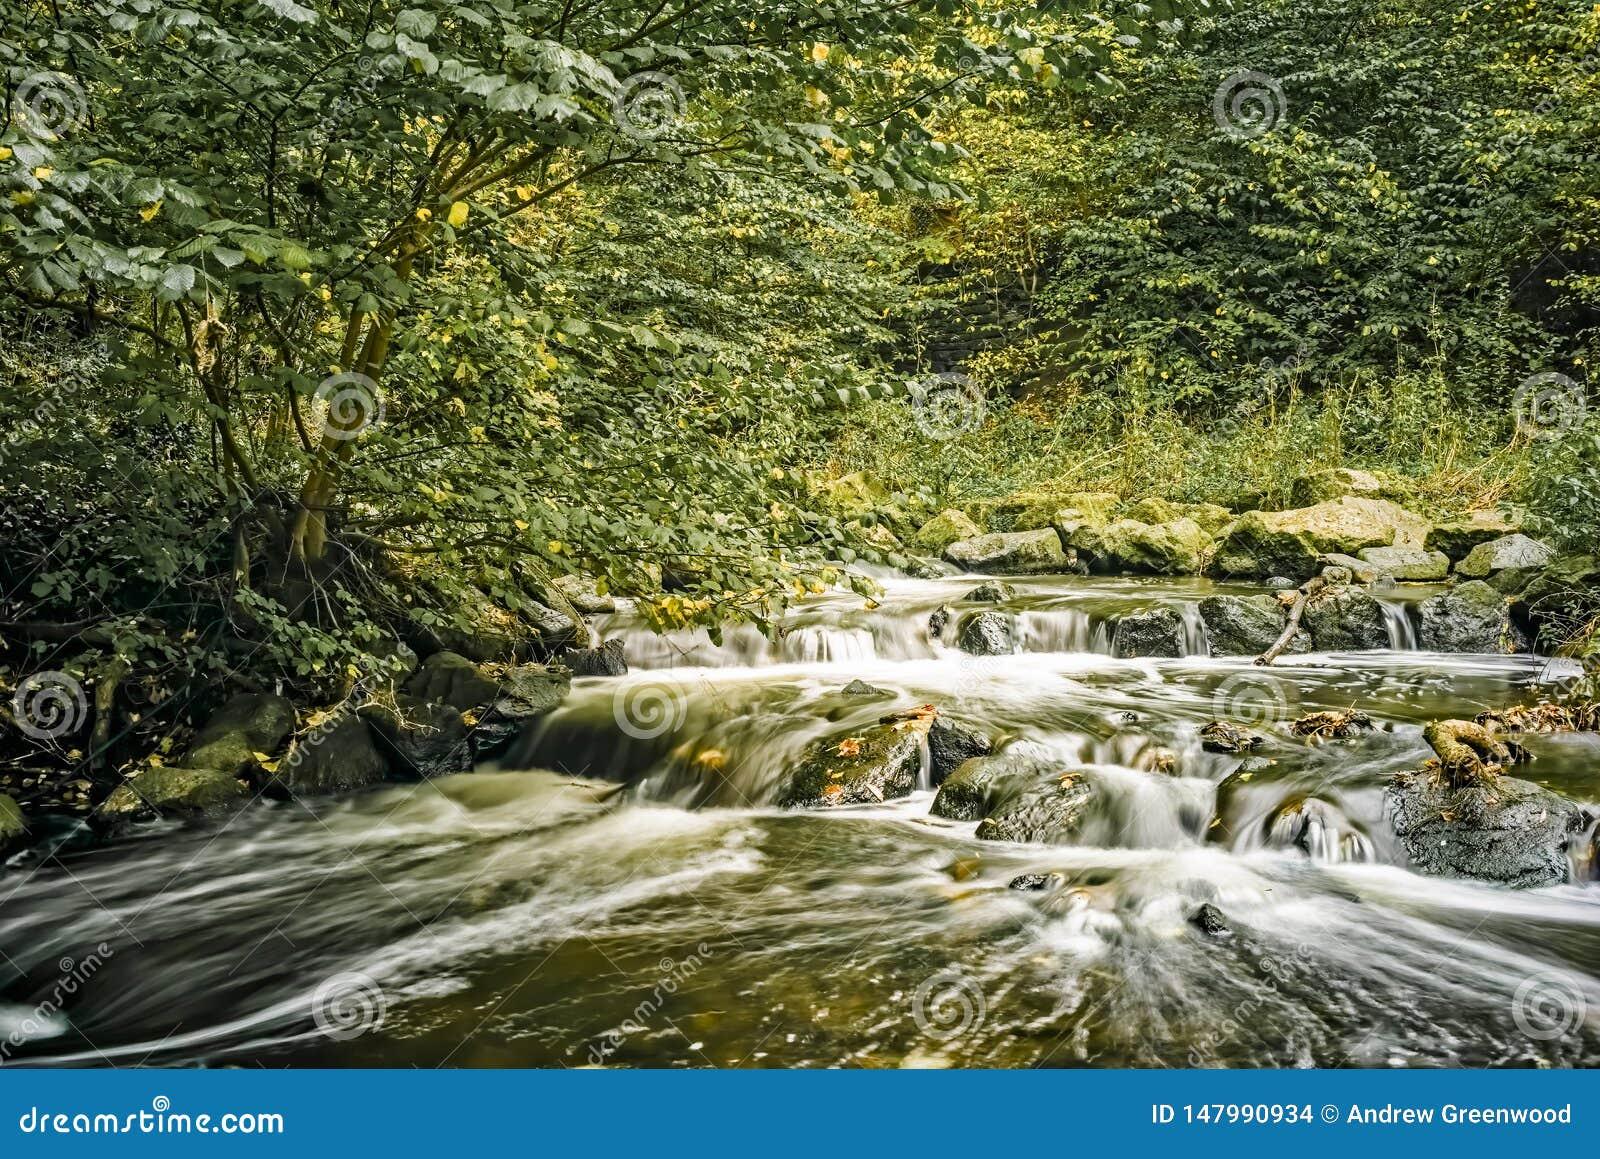 Rivière courante lente au printemps